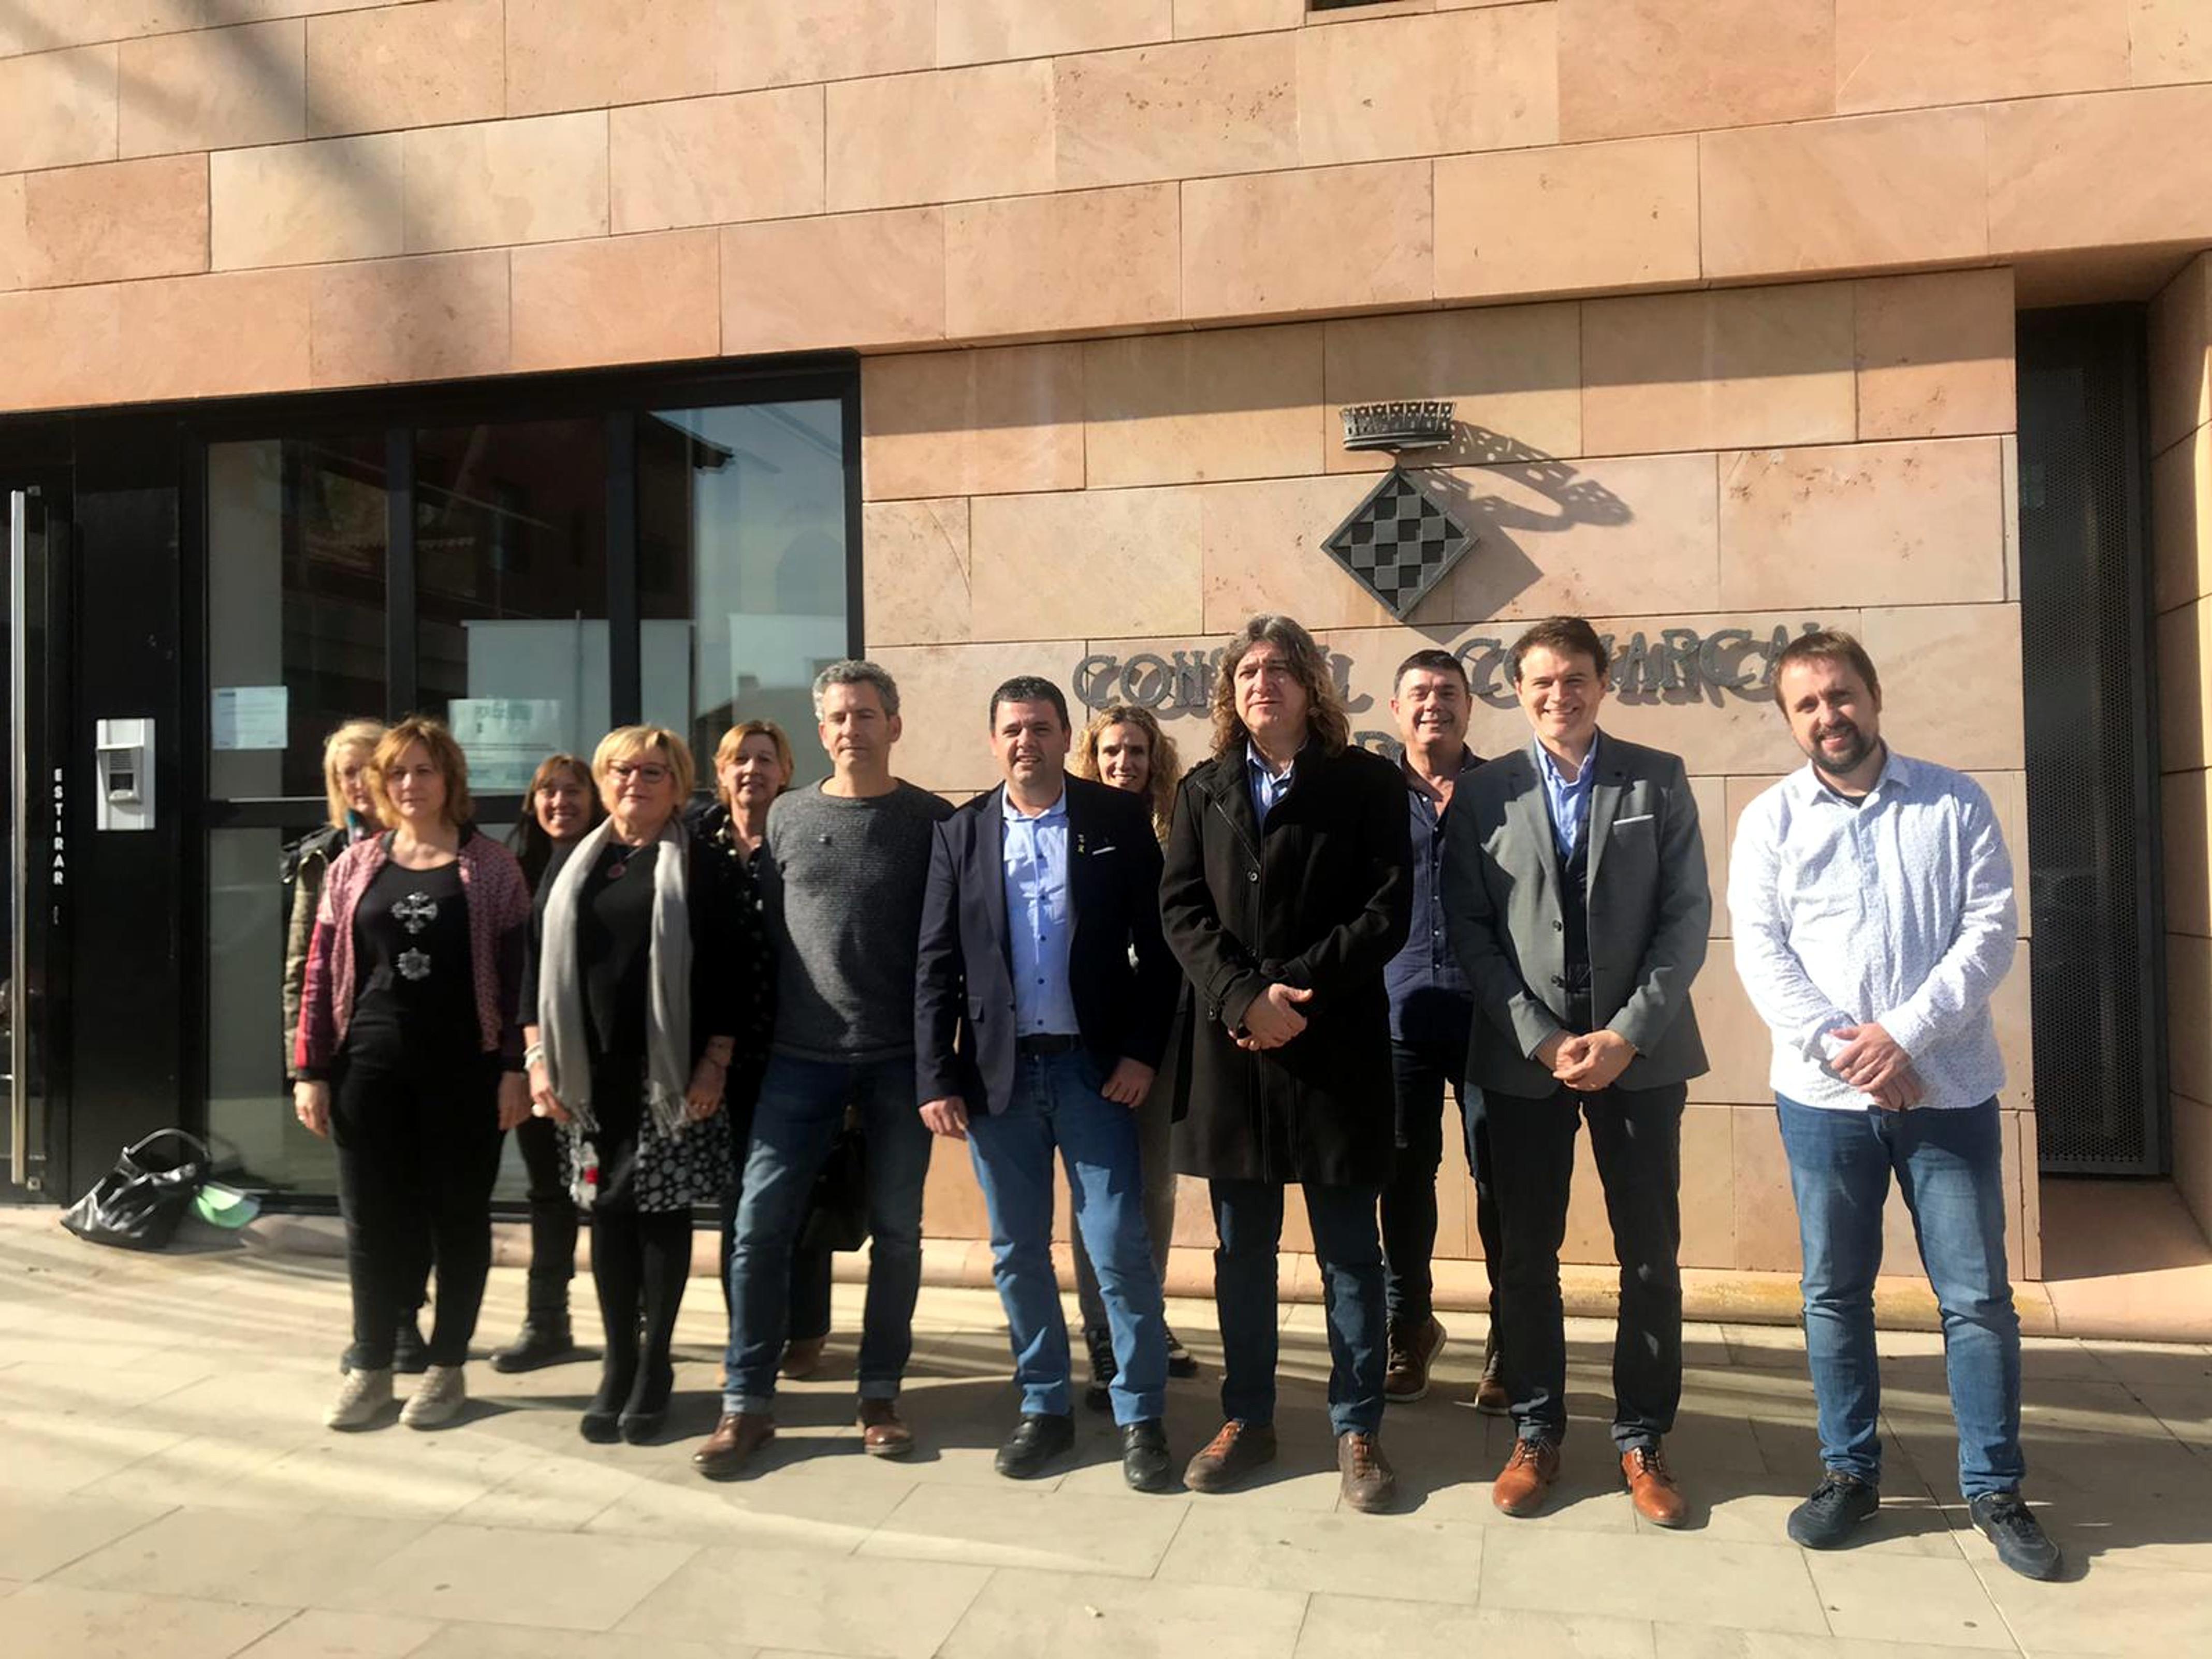 La Noguera, el Segrià i l'Urgell reclamen conjuntament més finançament per als Serveis Socials